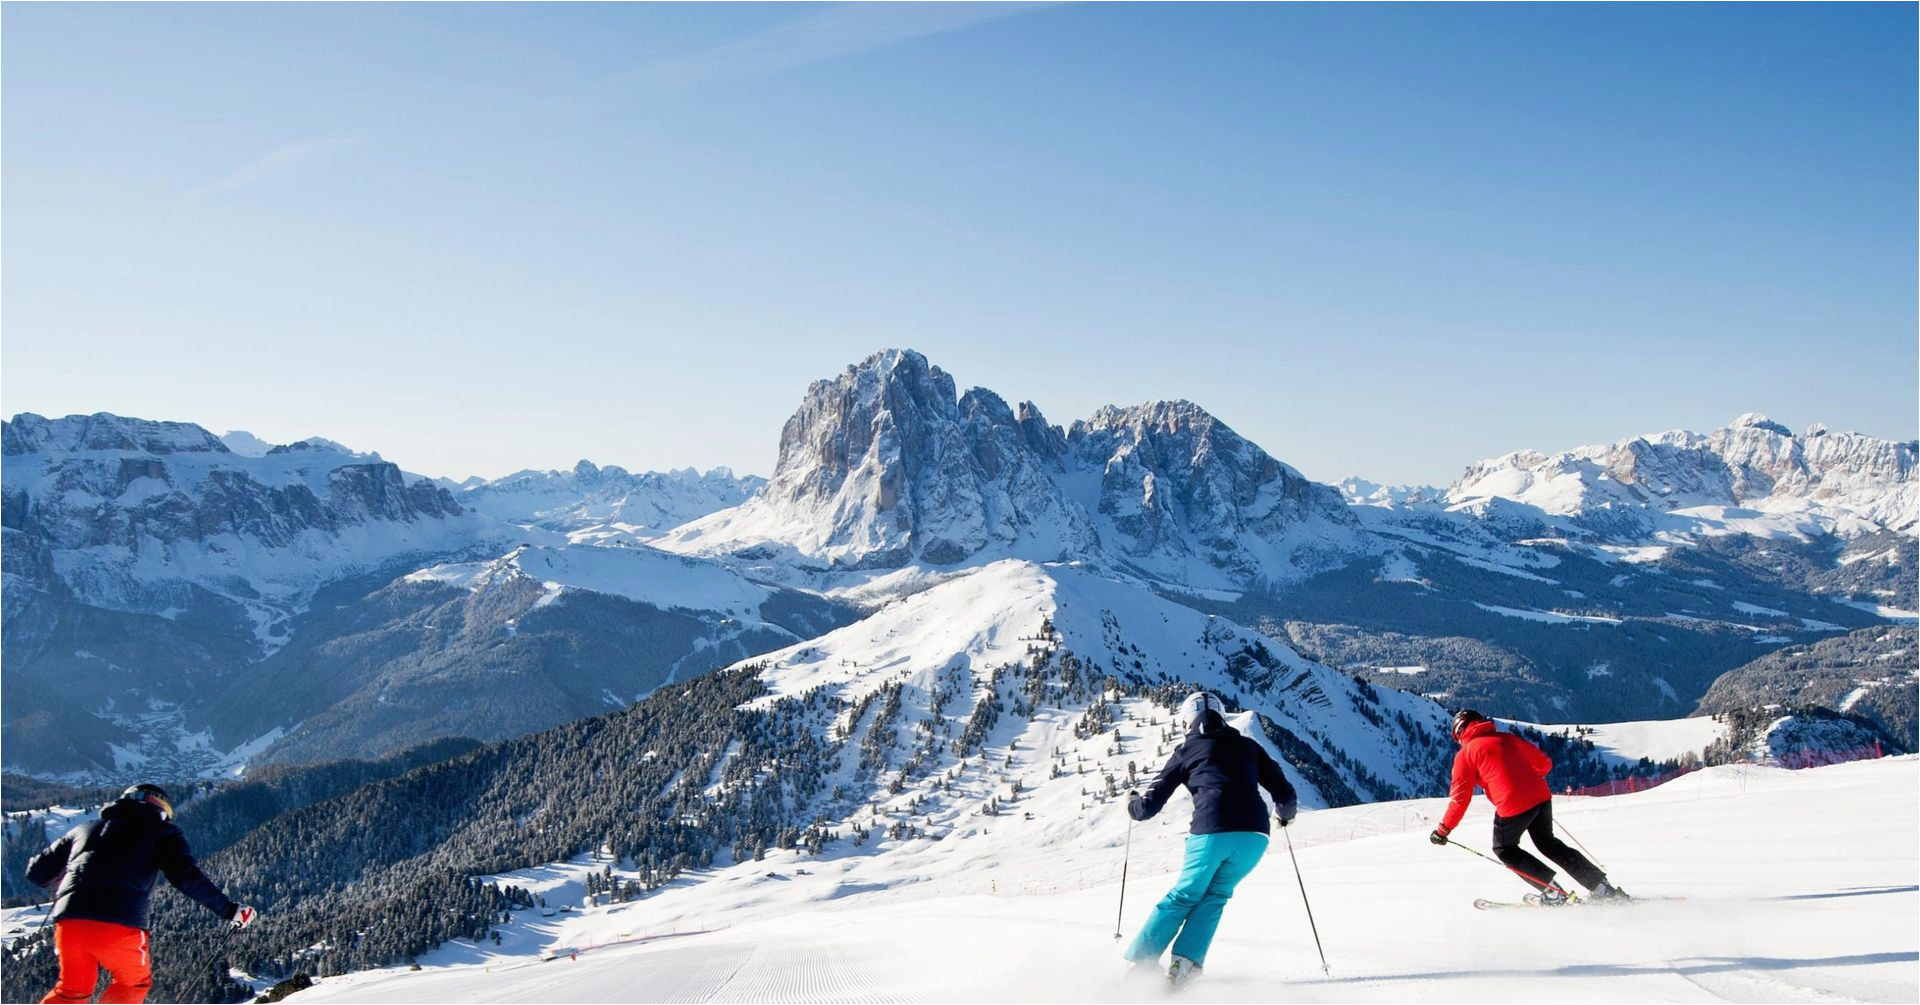 skiing dolomites ski resort val gardena